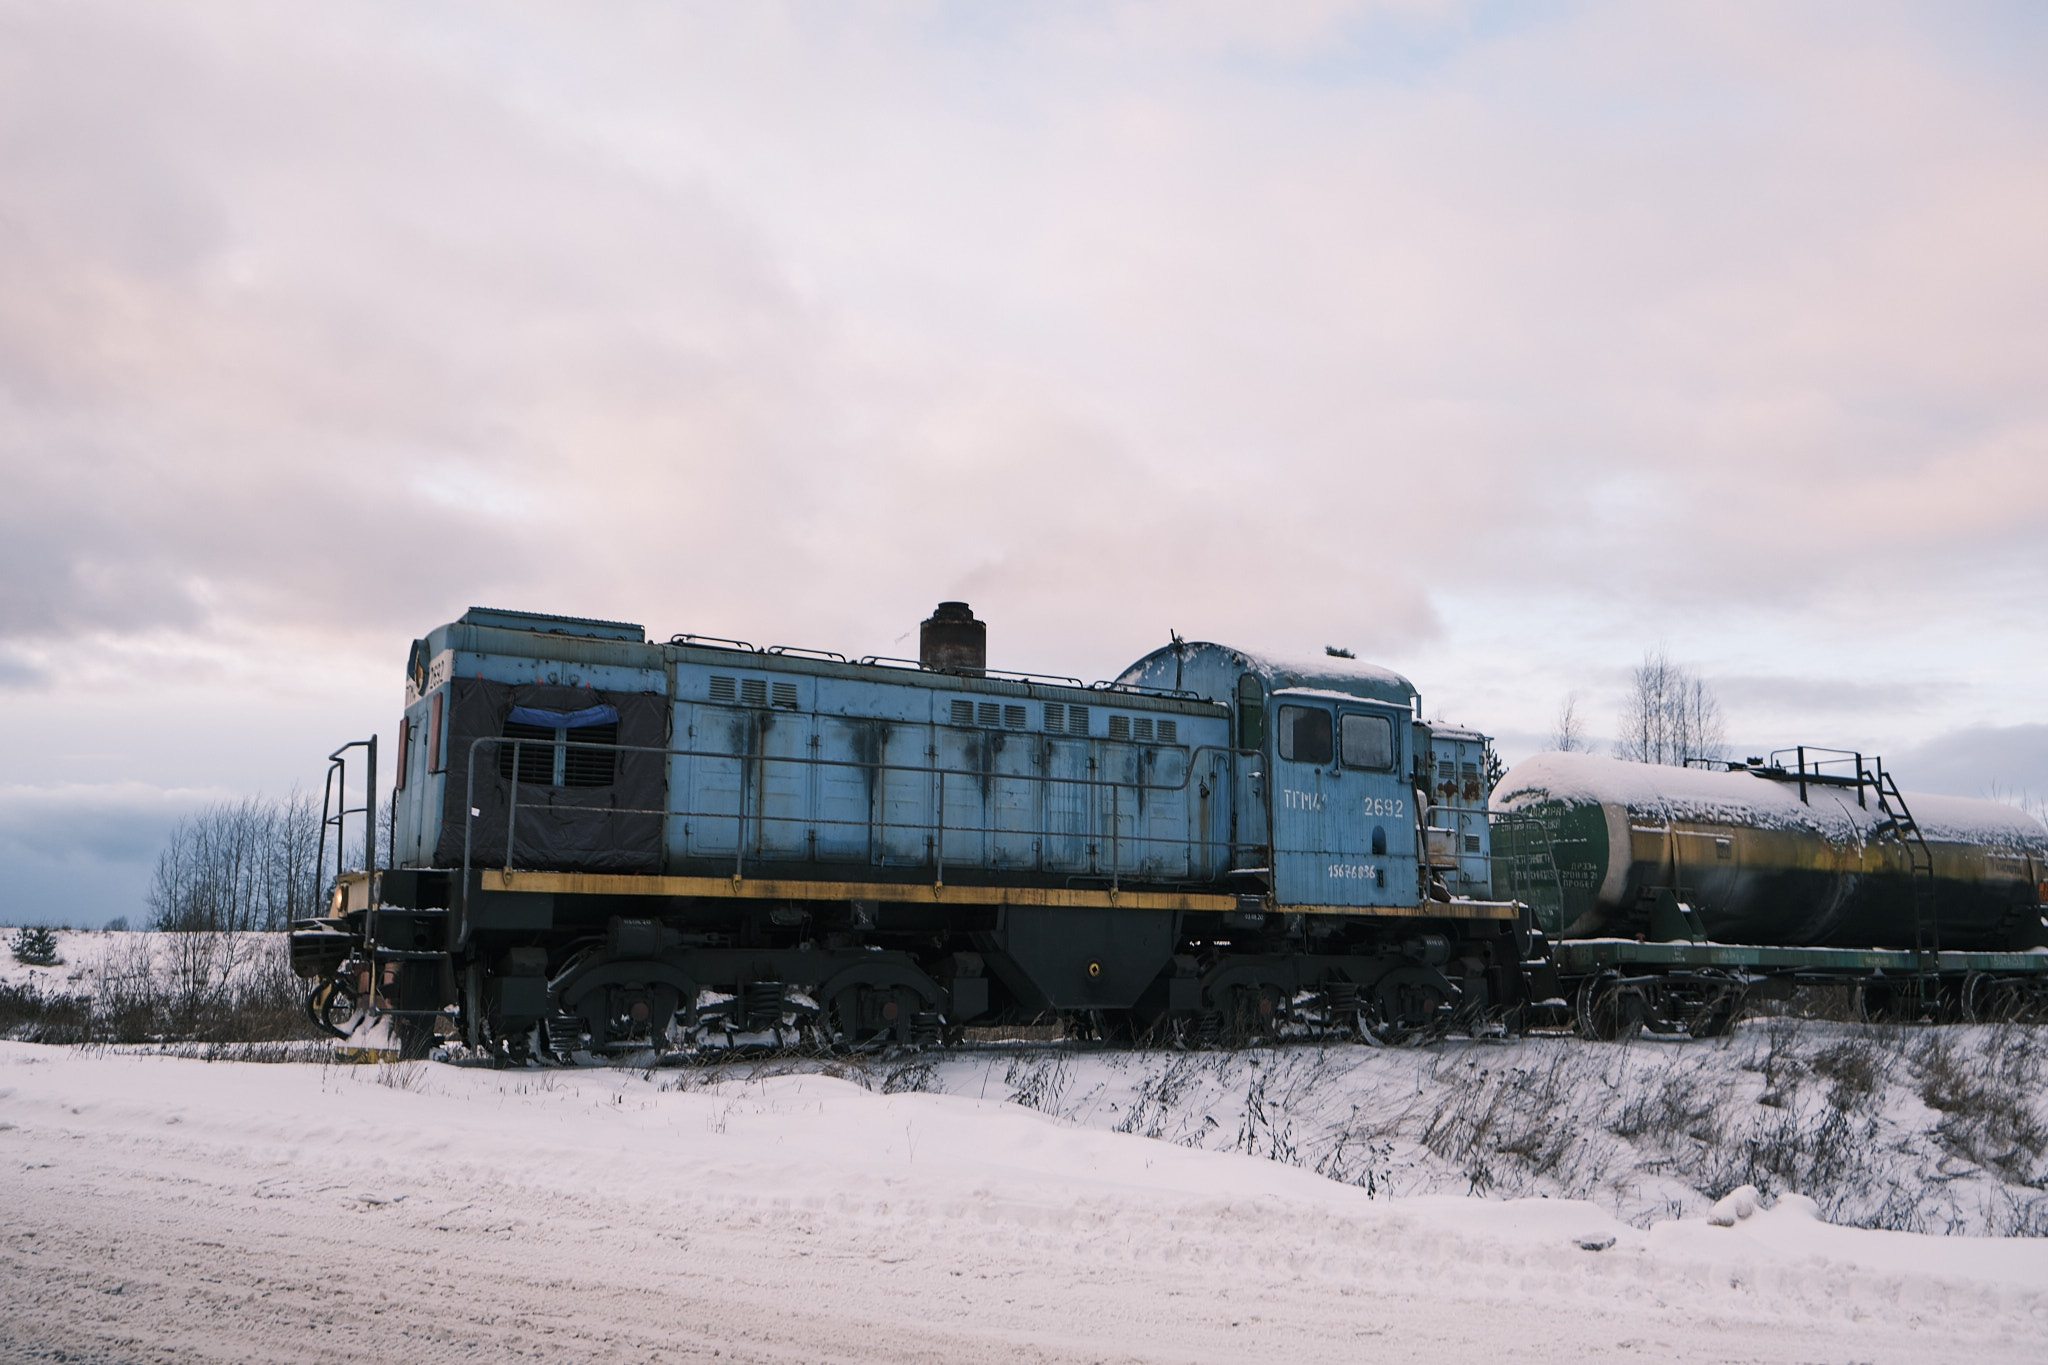 Эстетика железных дорог: фоторепортаж от тверского фотографа